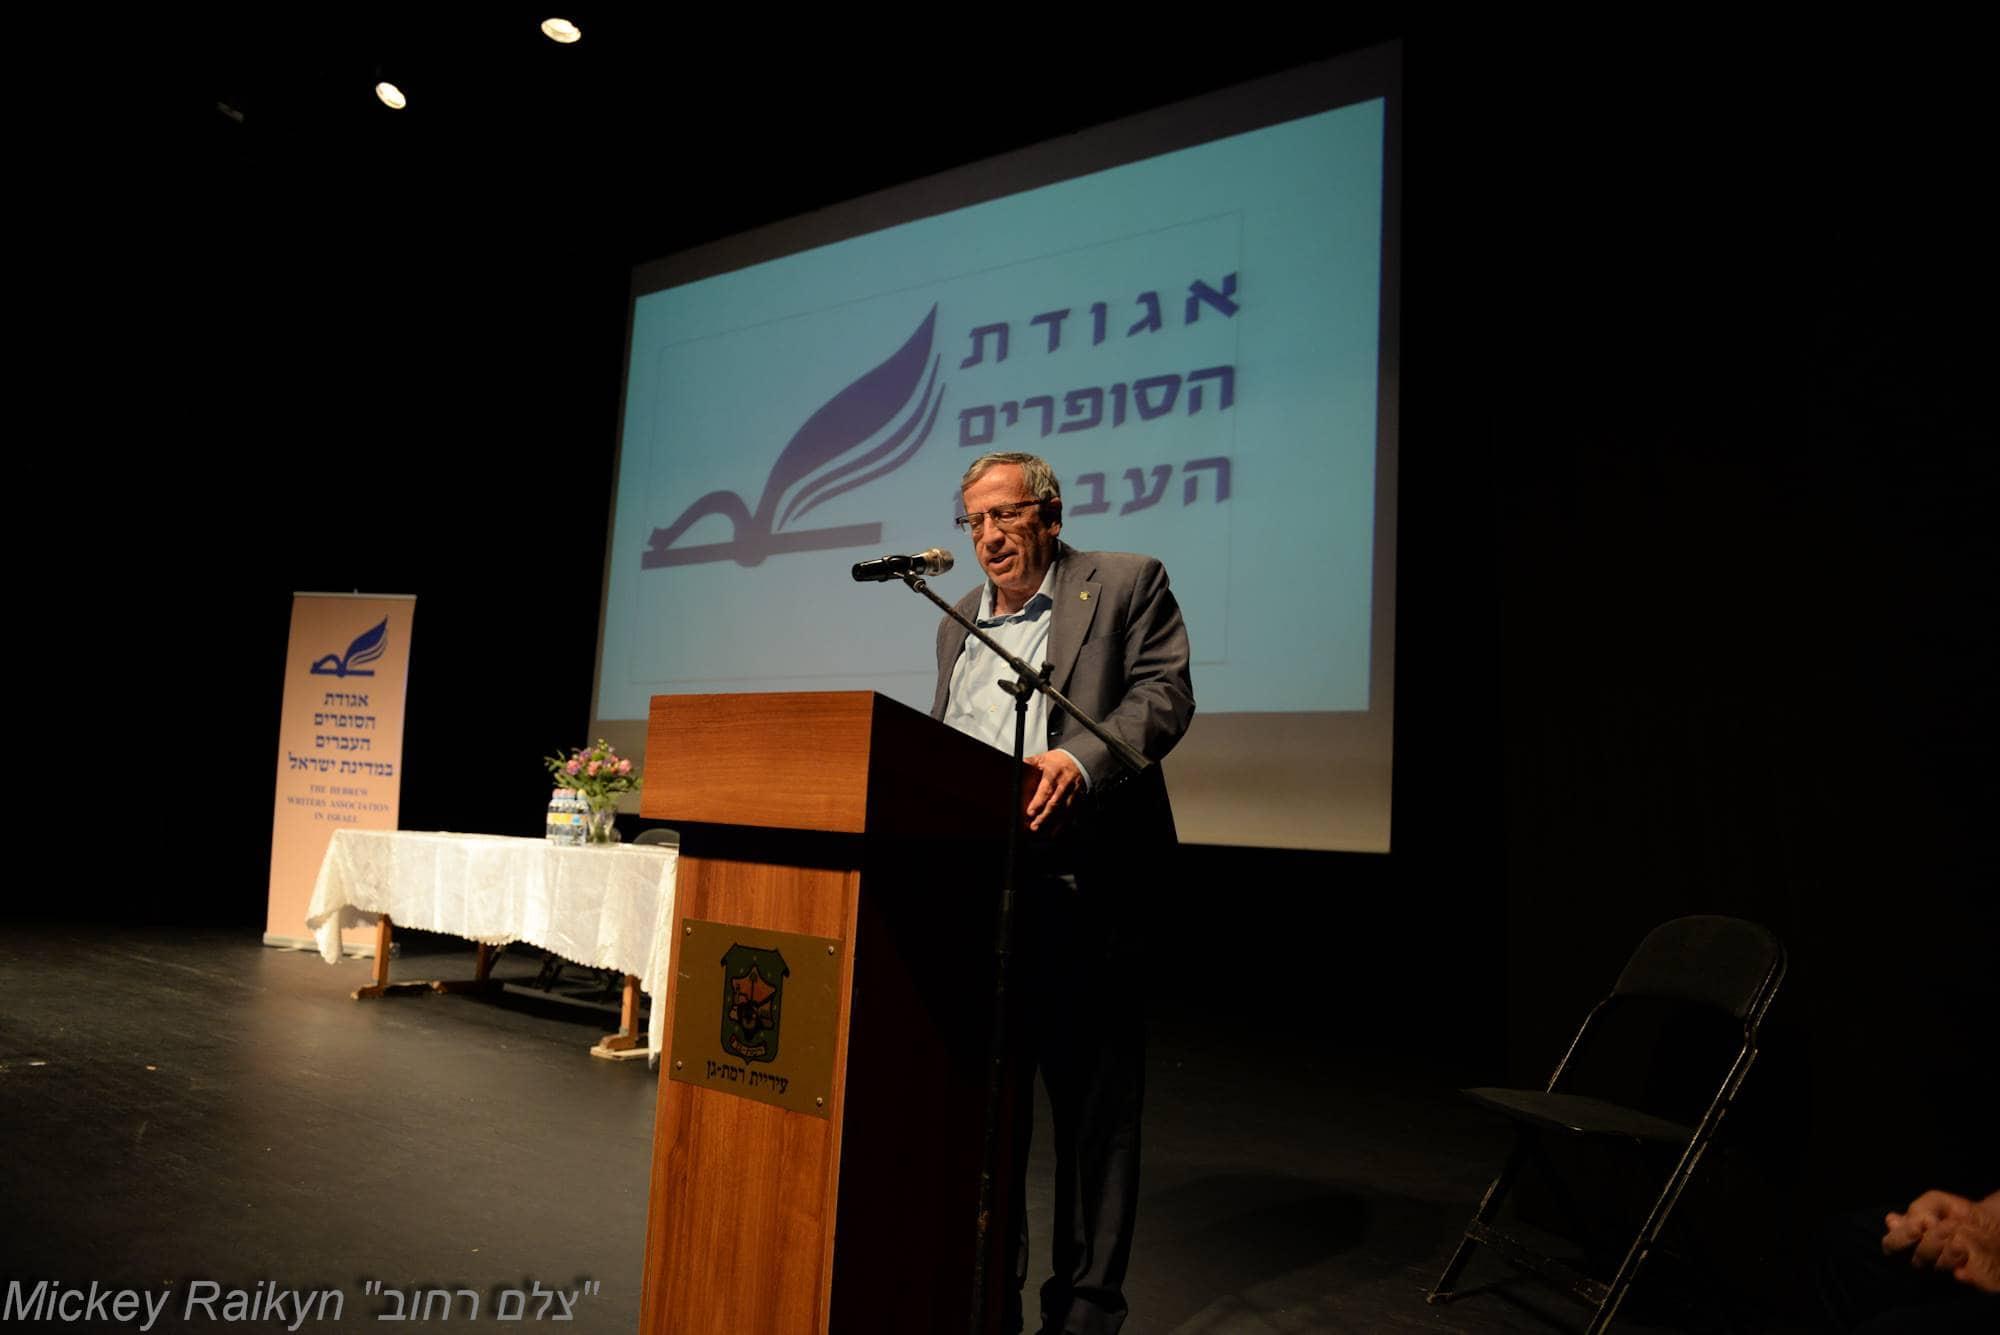 ראש העירייה בטקס סיום תחרות הכתיבה הארצית, צילום: מיקי רייקין